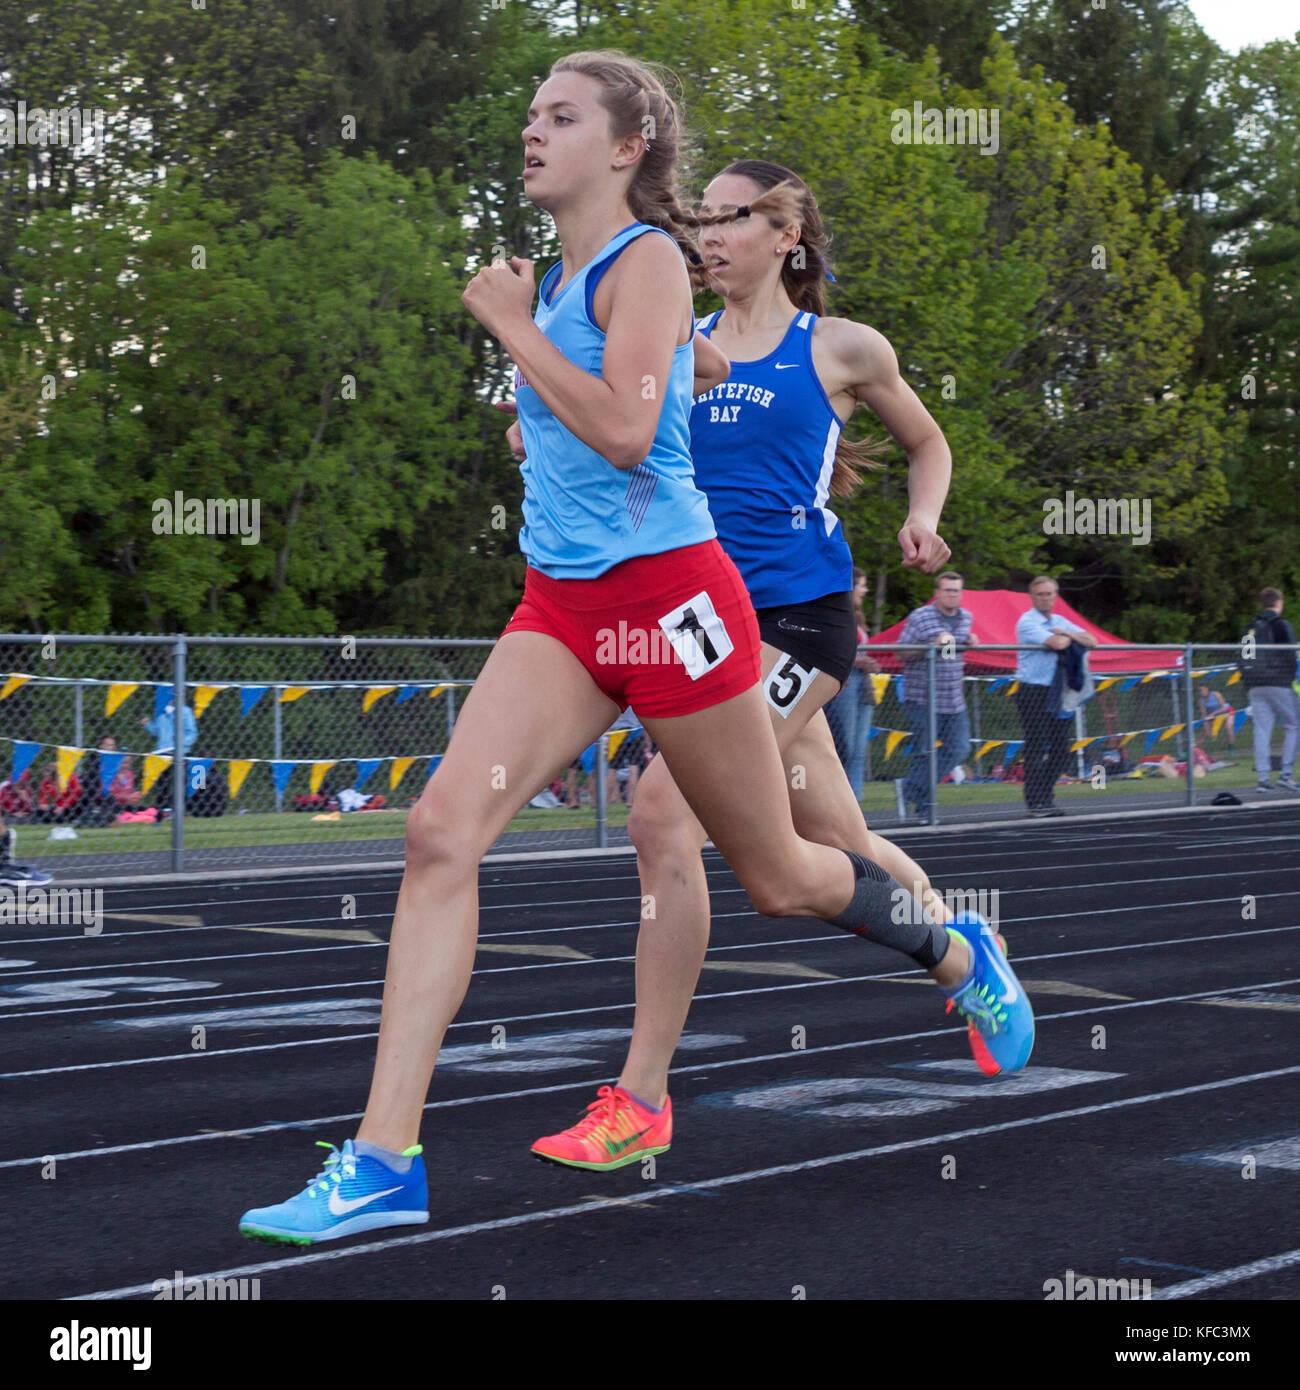 High school atletas competir en una pista y campo cumple en Milwaukee, Wisconsin, EE.UU. Foto de stock